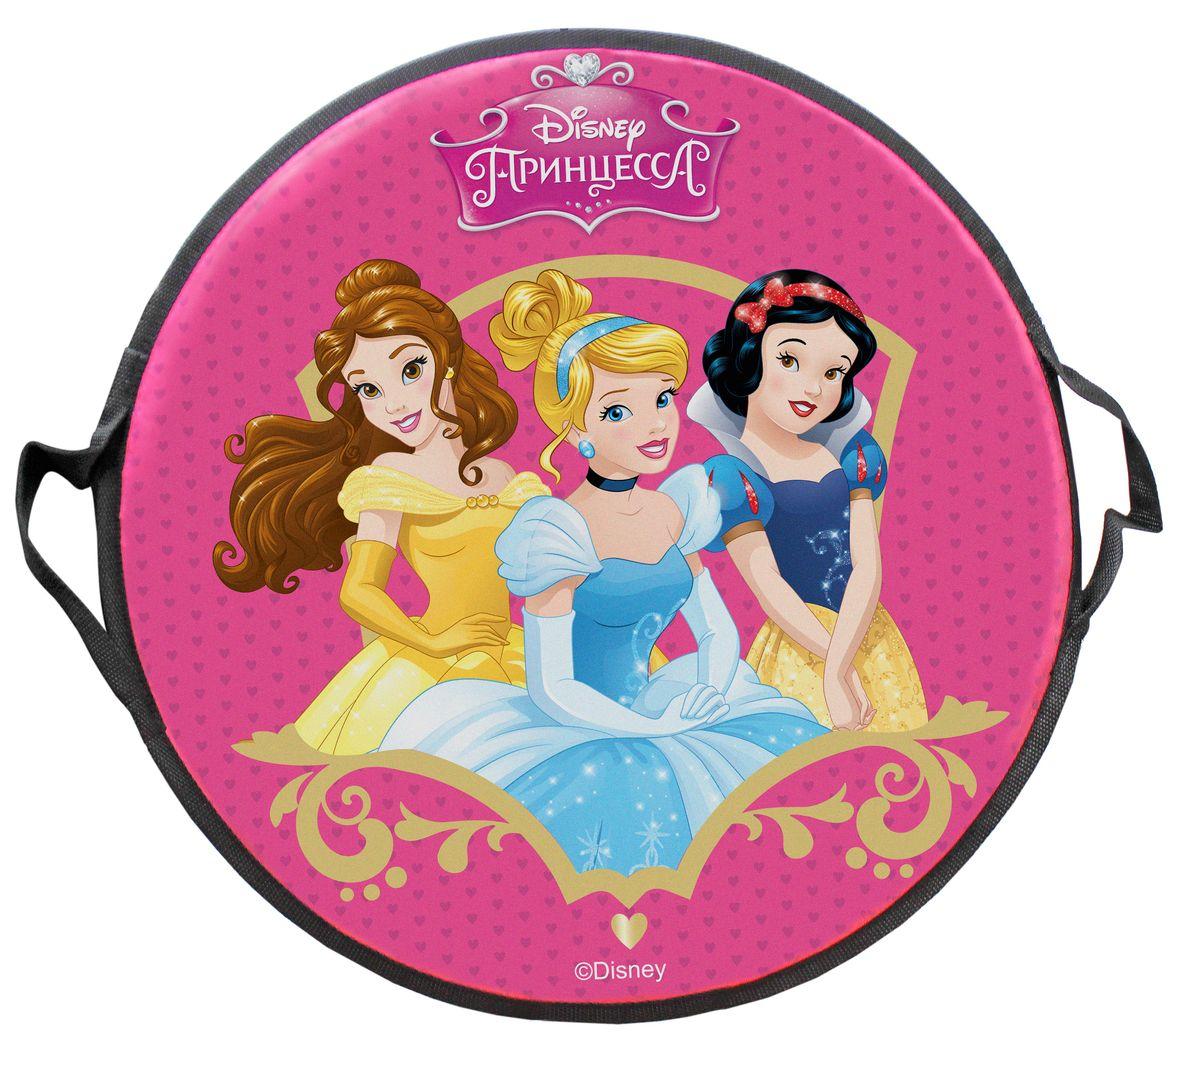 Ледянка круглая 52см, Disney ПринцессыТ58174Ледянка Disney Принцессы станет прекрасным подарком. Изделие предназначено катания с горок и идеально подойдет для девочек. Ледянка развивает на спуске хорошую скорость. Плотные ручки, расположенные по краям изделия помогут не упасть.